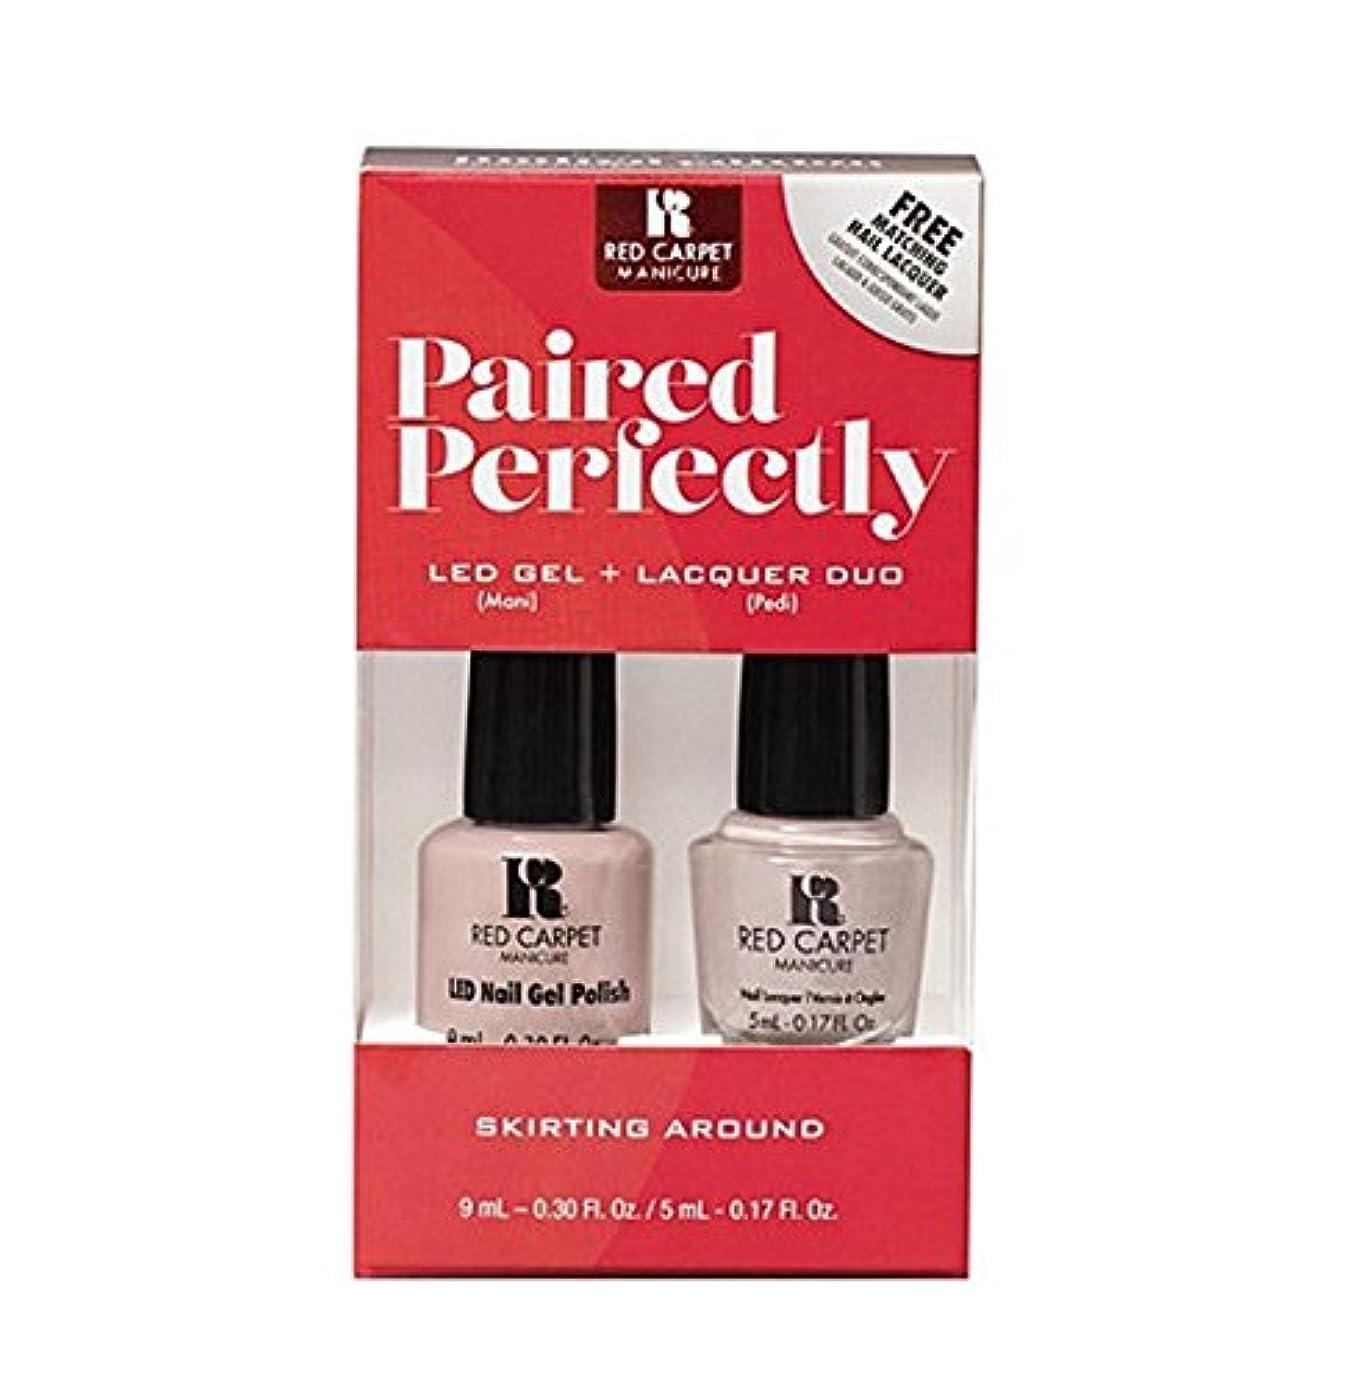 縁一方、フレットRed Carpet Manicure - Paired Perfectly GEL & Lacquer DUO - Skirting Around